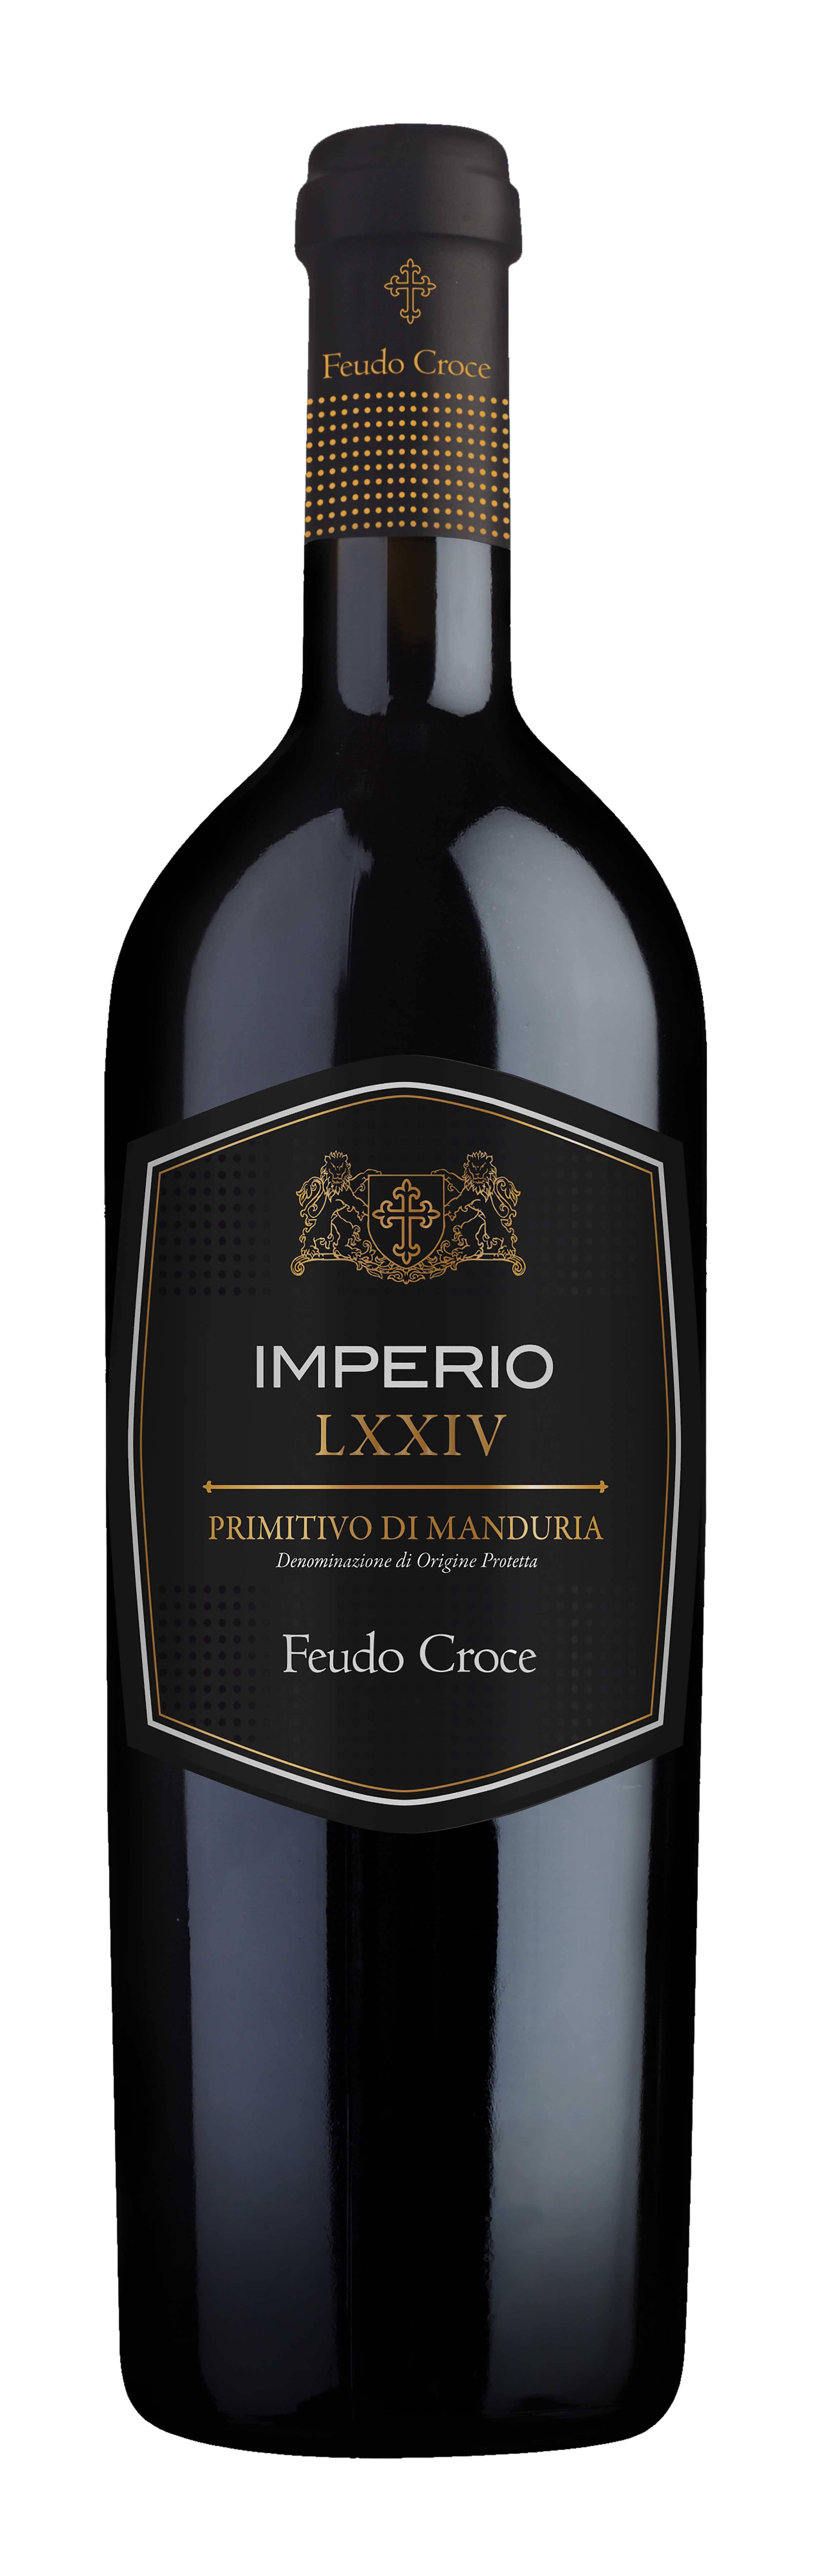 Вино примитиво (primitivo) италия и сорт винограда - 10sotokguru